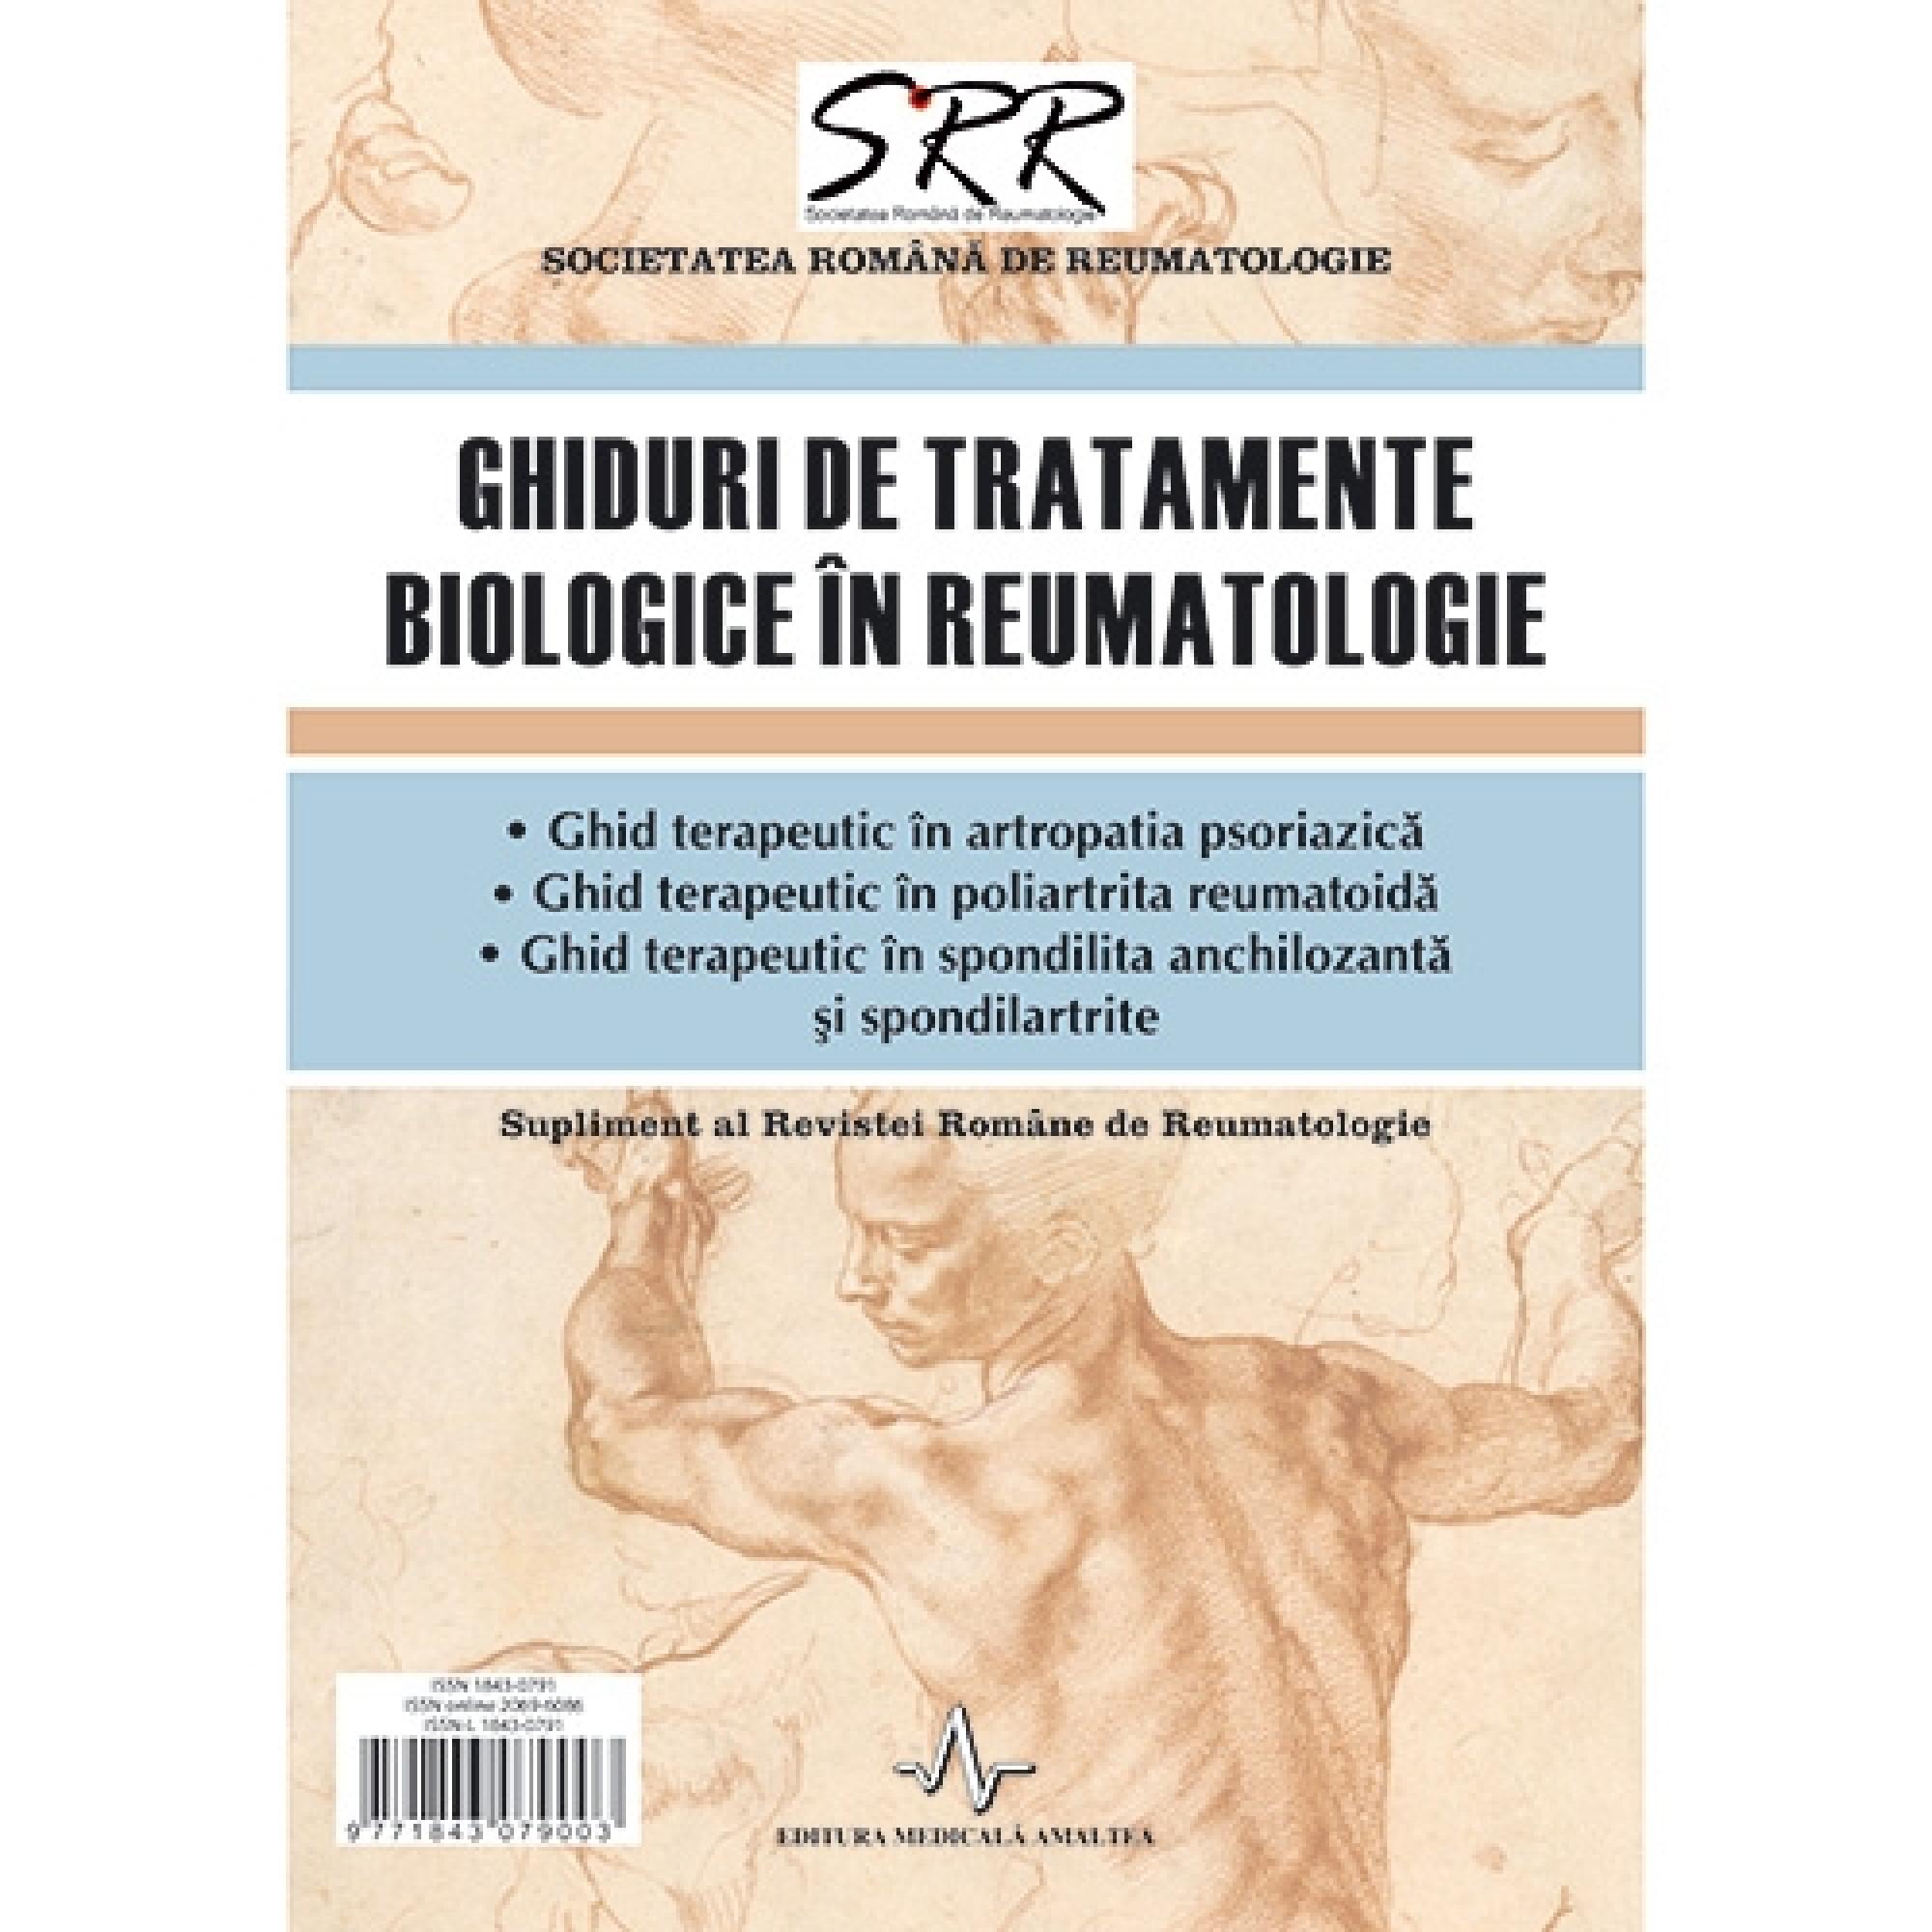 Ghiduri de tratamente biologice în reumatologie